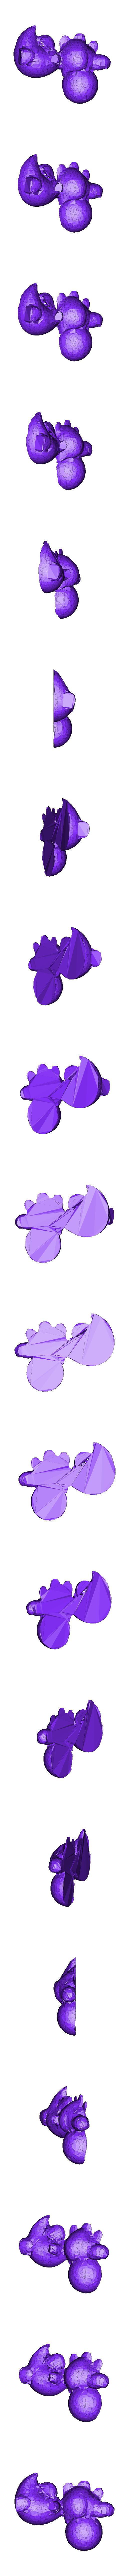 YoshiBodyLeft.stl Télécharger fichier STL gratuit Yoshi de Super Mario • Objet pour impression 3D, Runstone